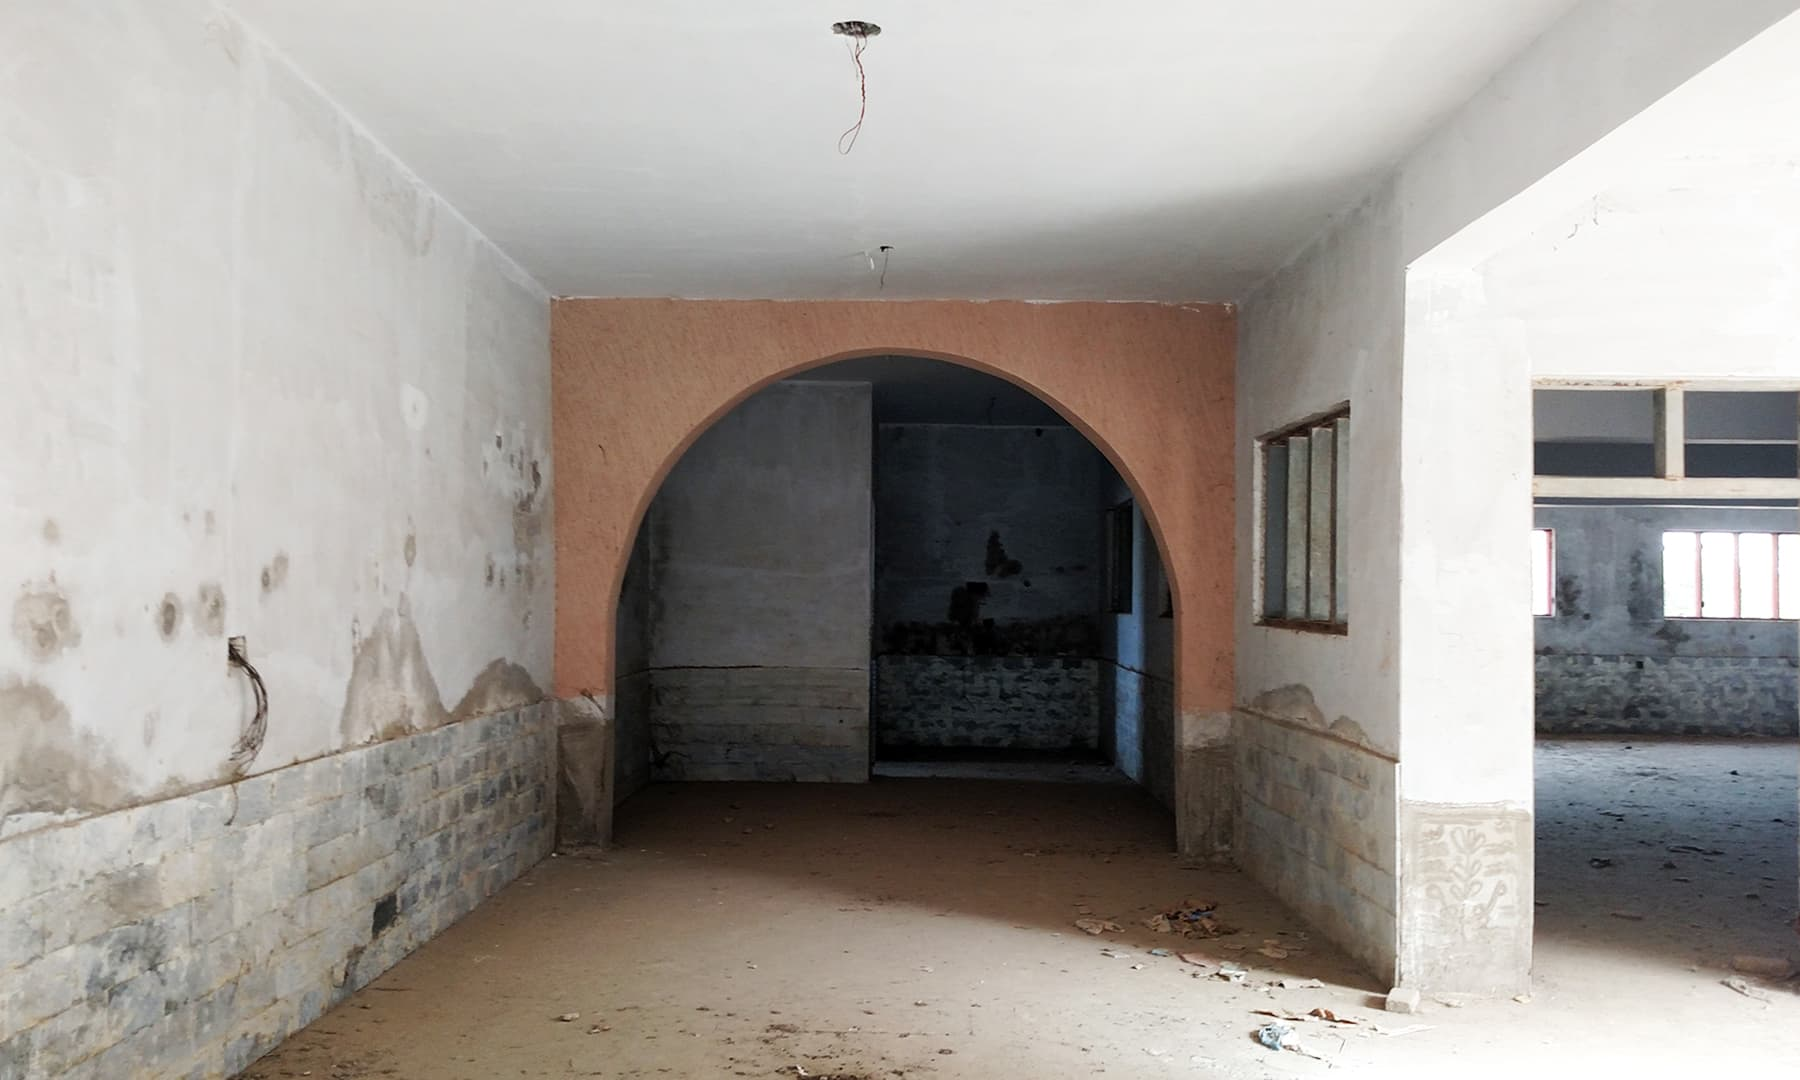 مرکزی تدریسی عمارت کا ایک زیرِ تعمیر حصہ۔ — بلال کریم مغل